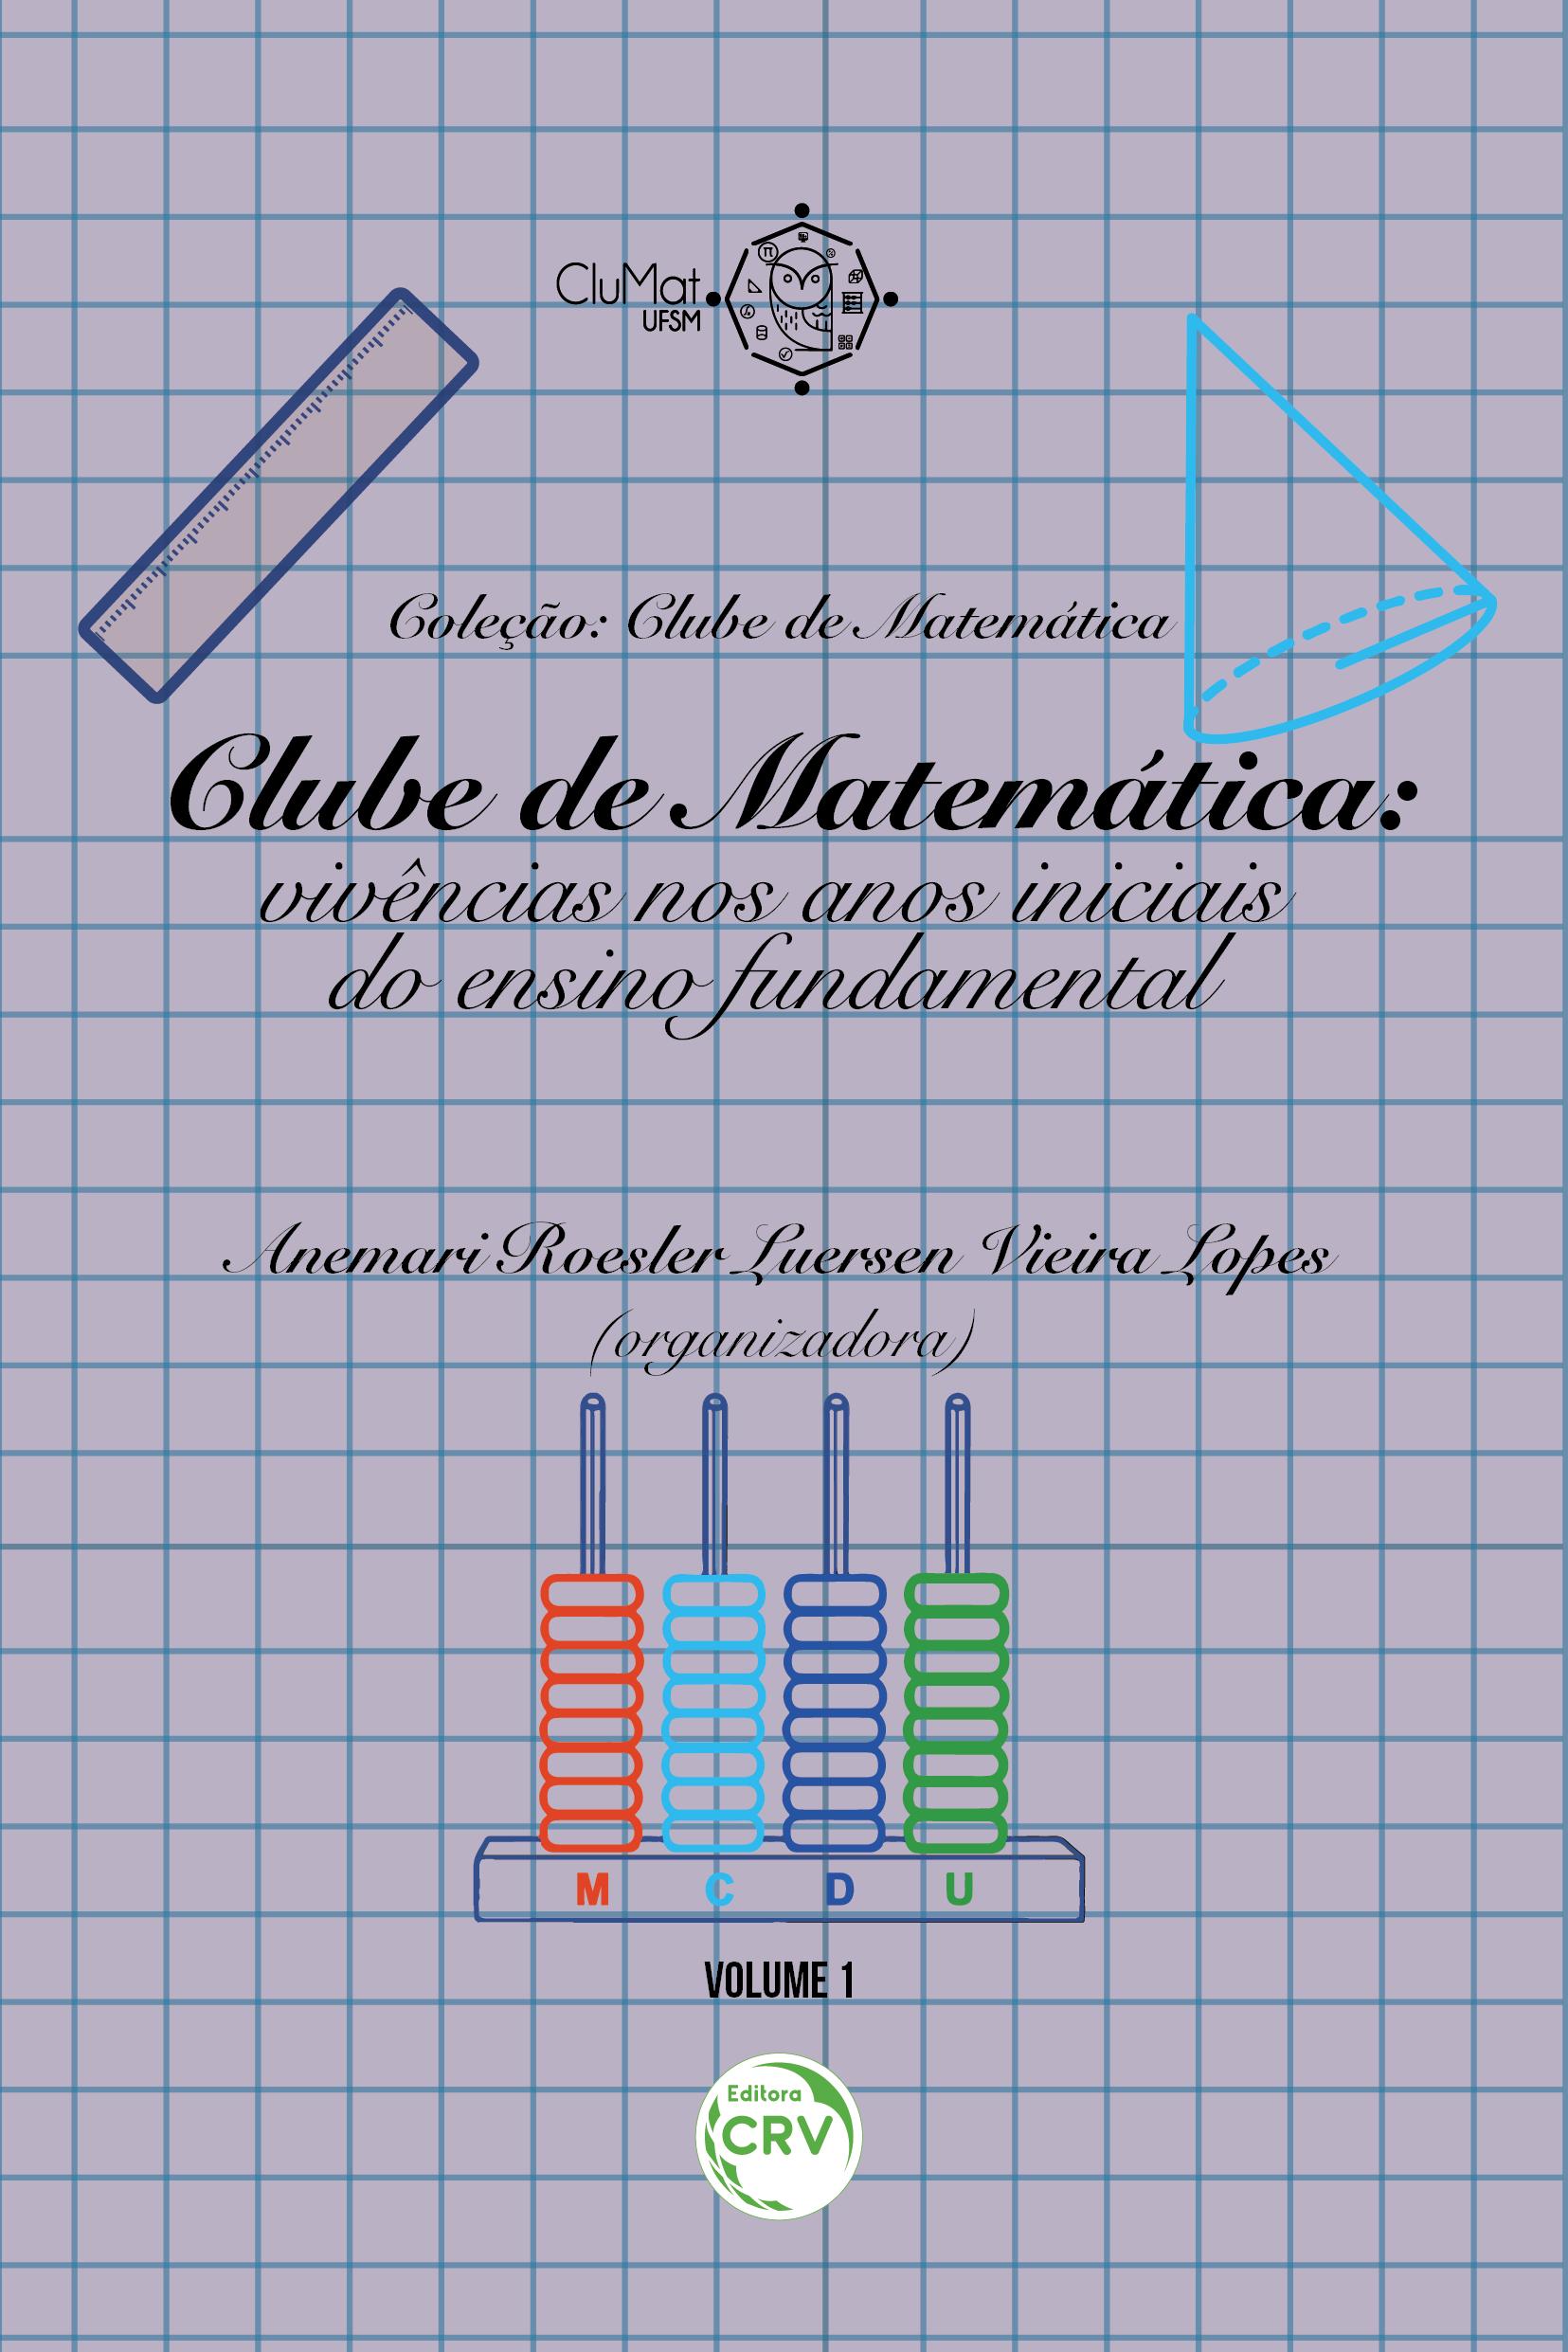 Capa do livro: CLUBE DE MATEMÁTICA:<br>vivências nos anos iniciais do ensino fundamental<br>Coleção Clube de Matemática<br>Volume 1